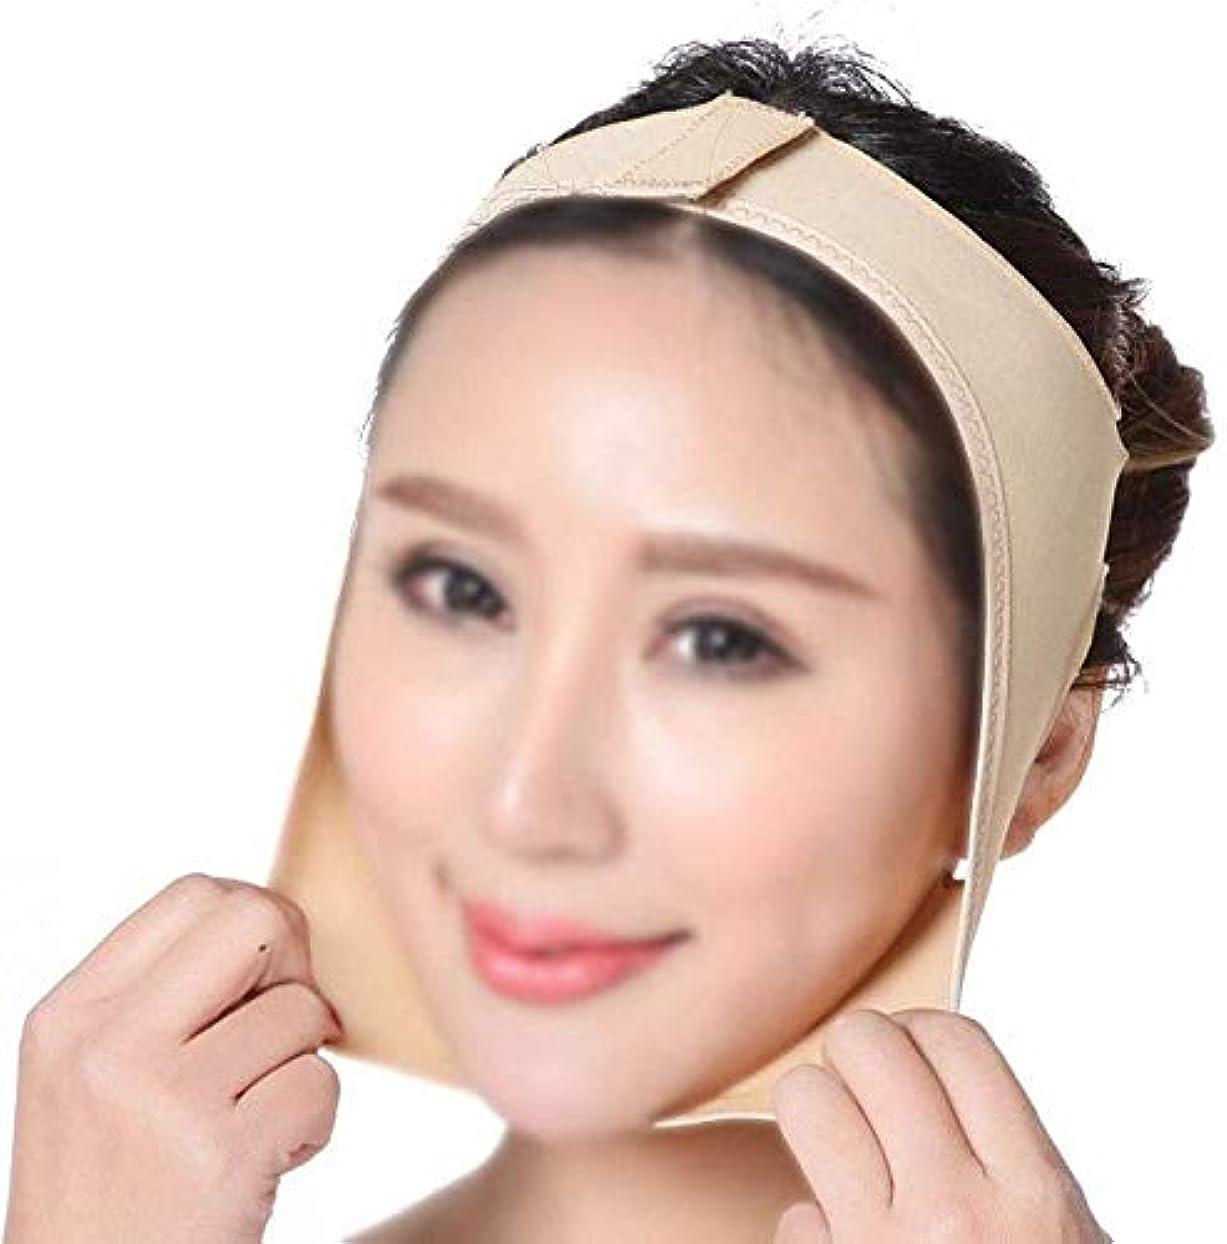 ほのめかす振る舞い彼らは美容と実用的なファーミングフェイスマスク、通気性フェイスバンデージVフェイスデバイススリープシンフェイスマスクフェイスマッサージインストゥルメントフェイスリフティングフェイスリフティングツール(サイズ:Xl)